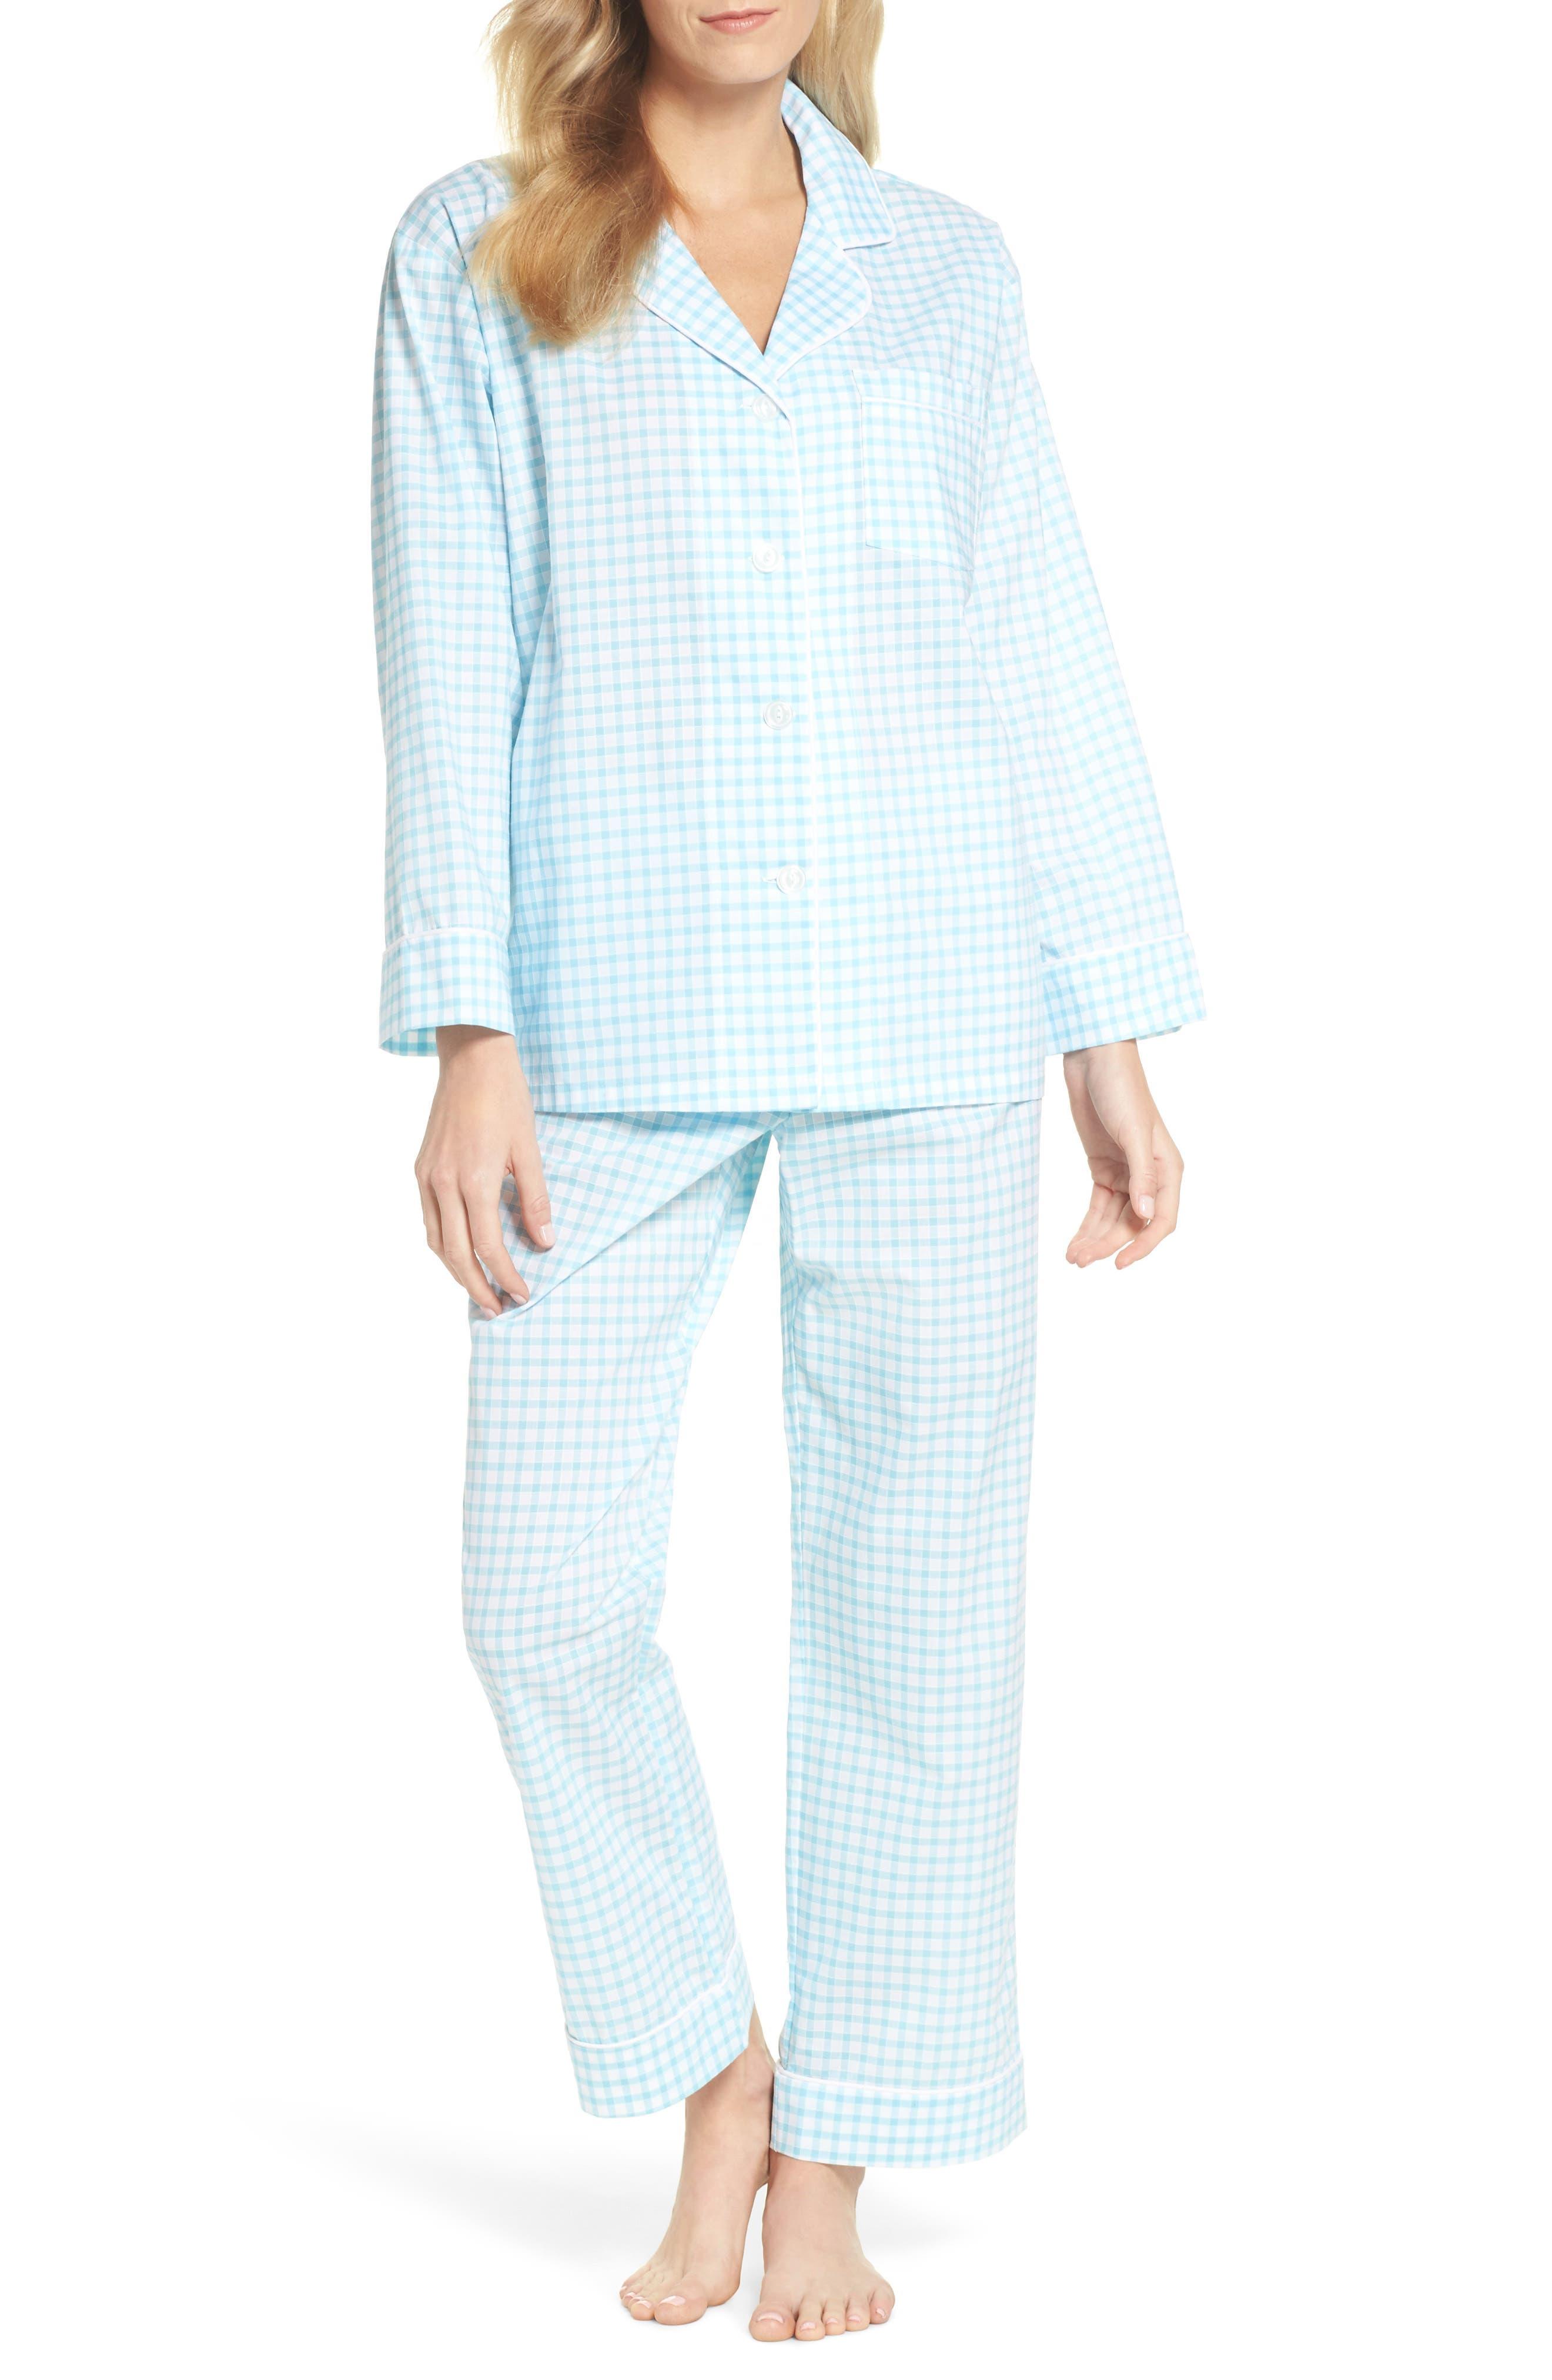 Gingham Pajamas,                             Main thumbnail 1, color,                             Aqua Gingham